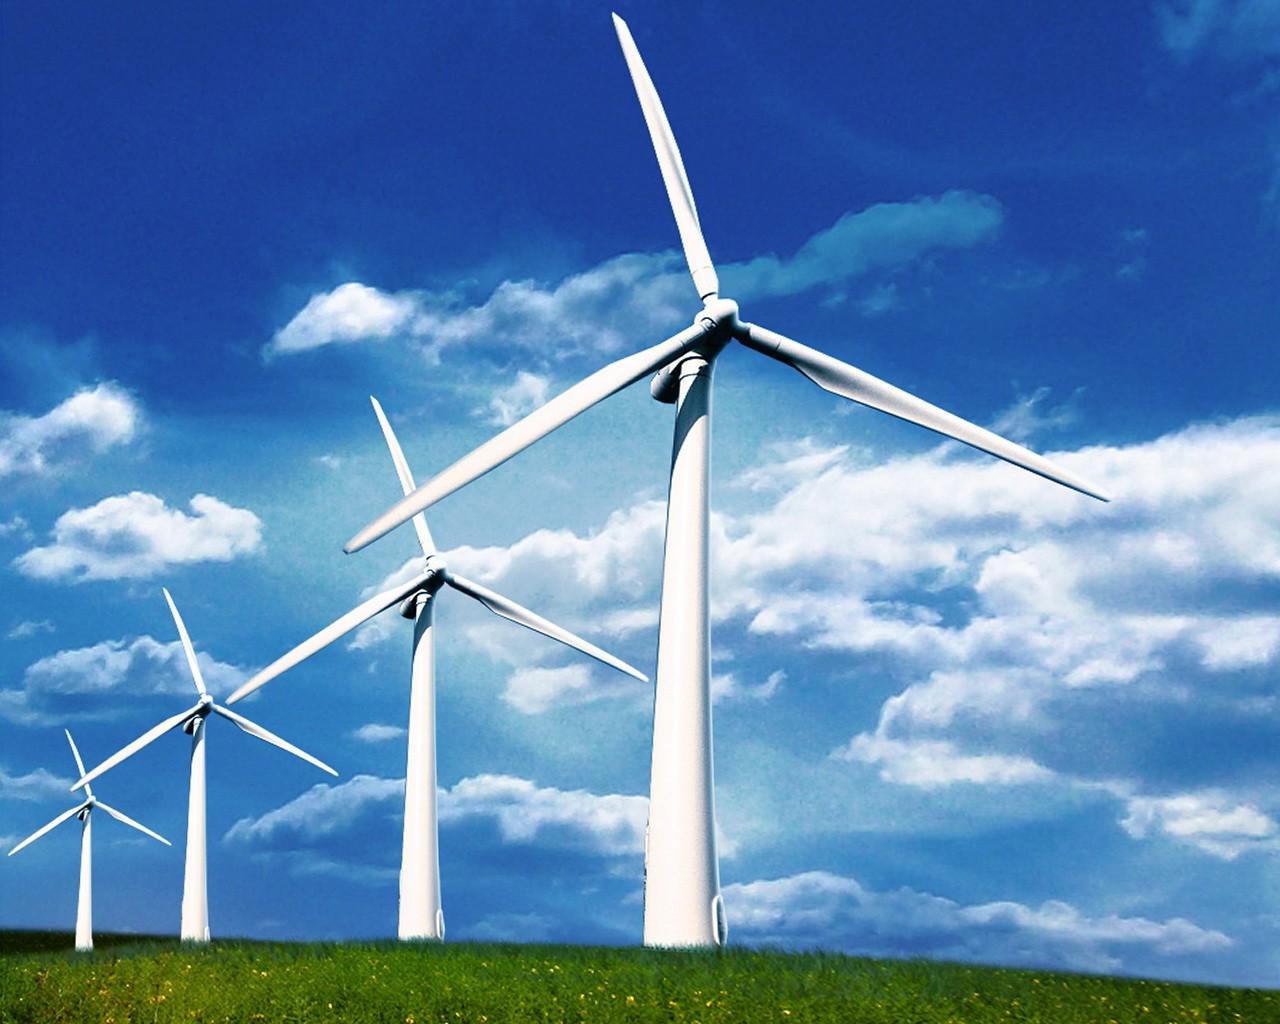 Германия поможет Узбекистану развивать ветроэнергетику